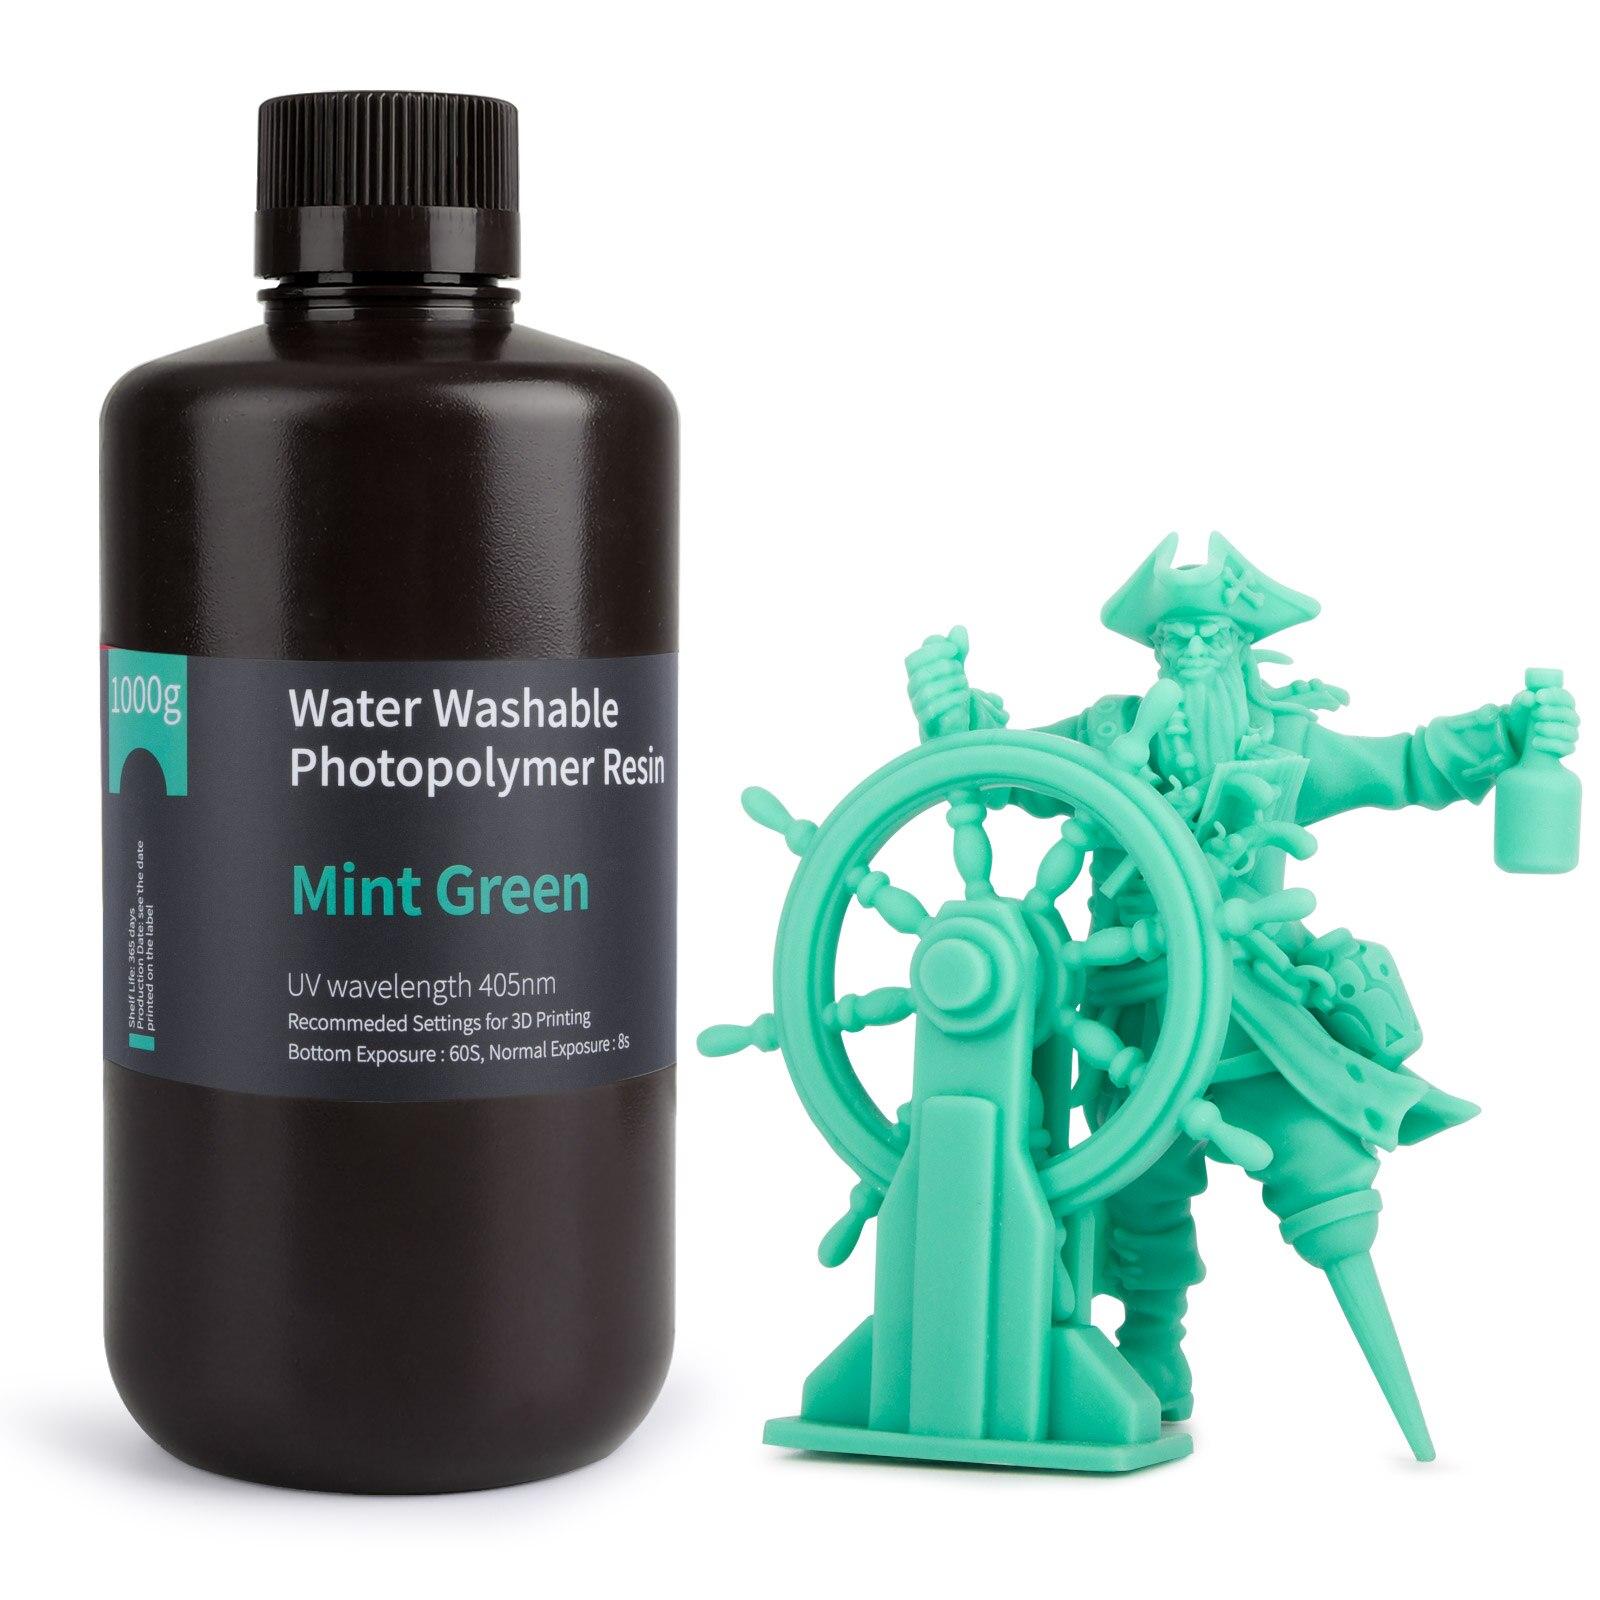 ELEGOO воды моющаяся Резина 3D принтеры смолы 405nm УФ Смола Стандартный фотополимерные смолы для ЖК дисплей 3D принтеры мятно зеленого цвета, 1000 мл|Материалы для 3D-печати|   | АлиЭкспресс